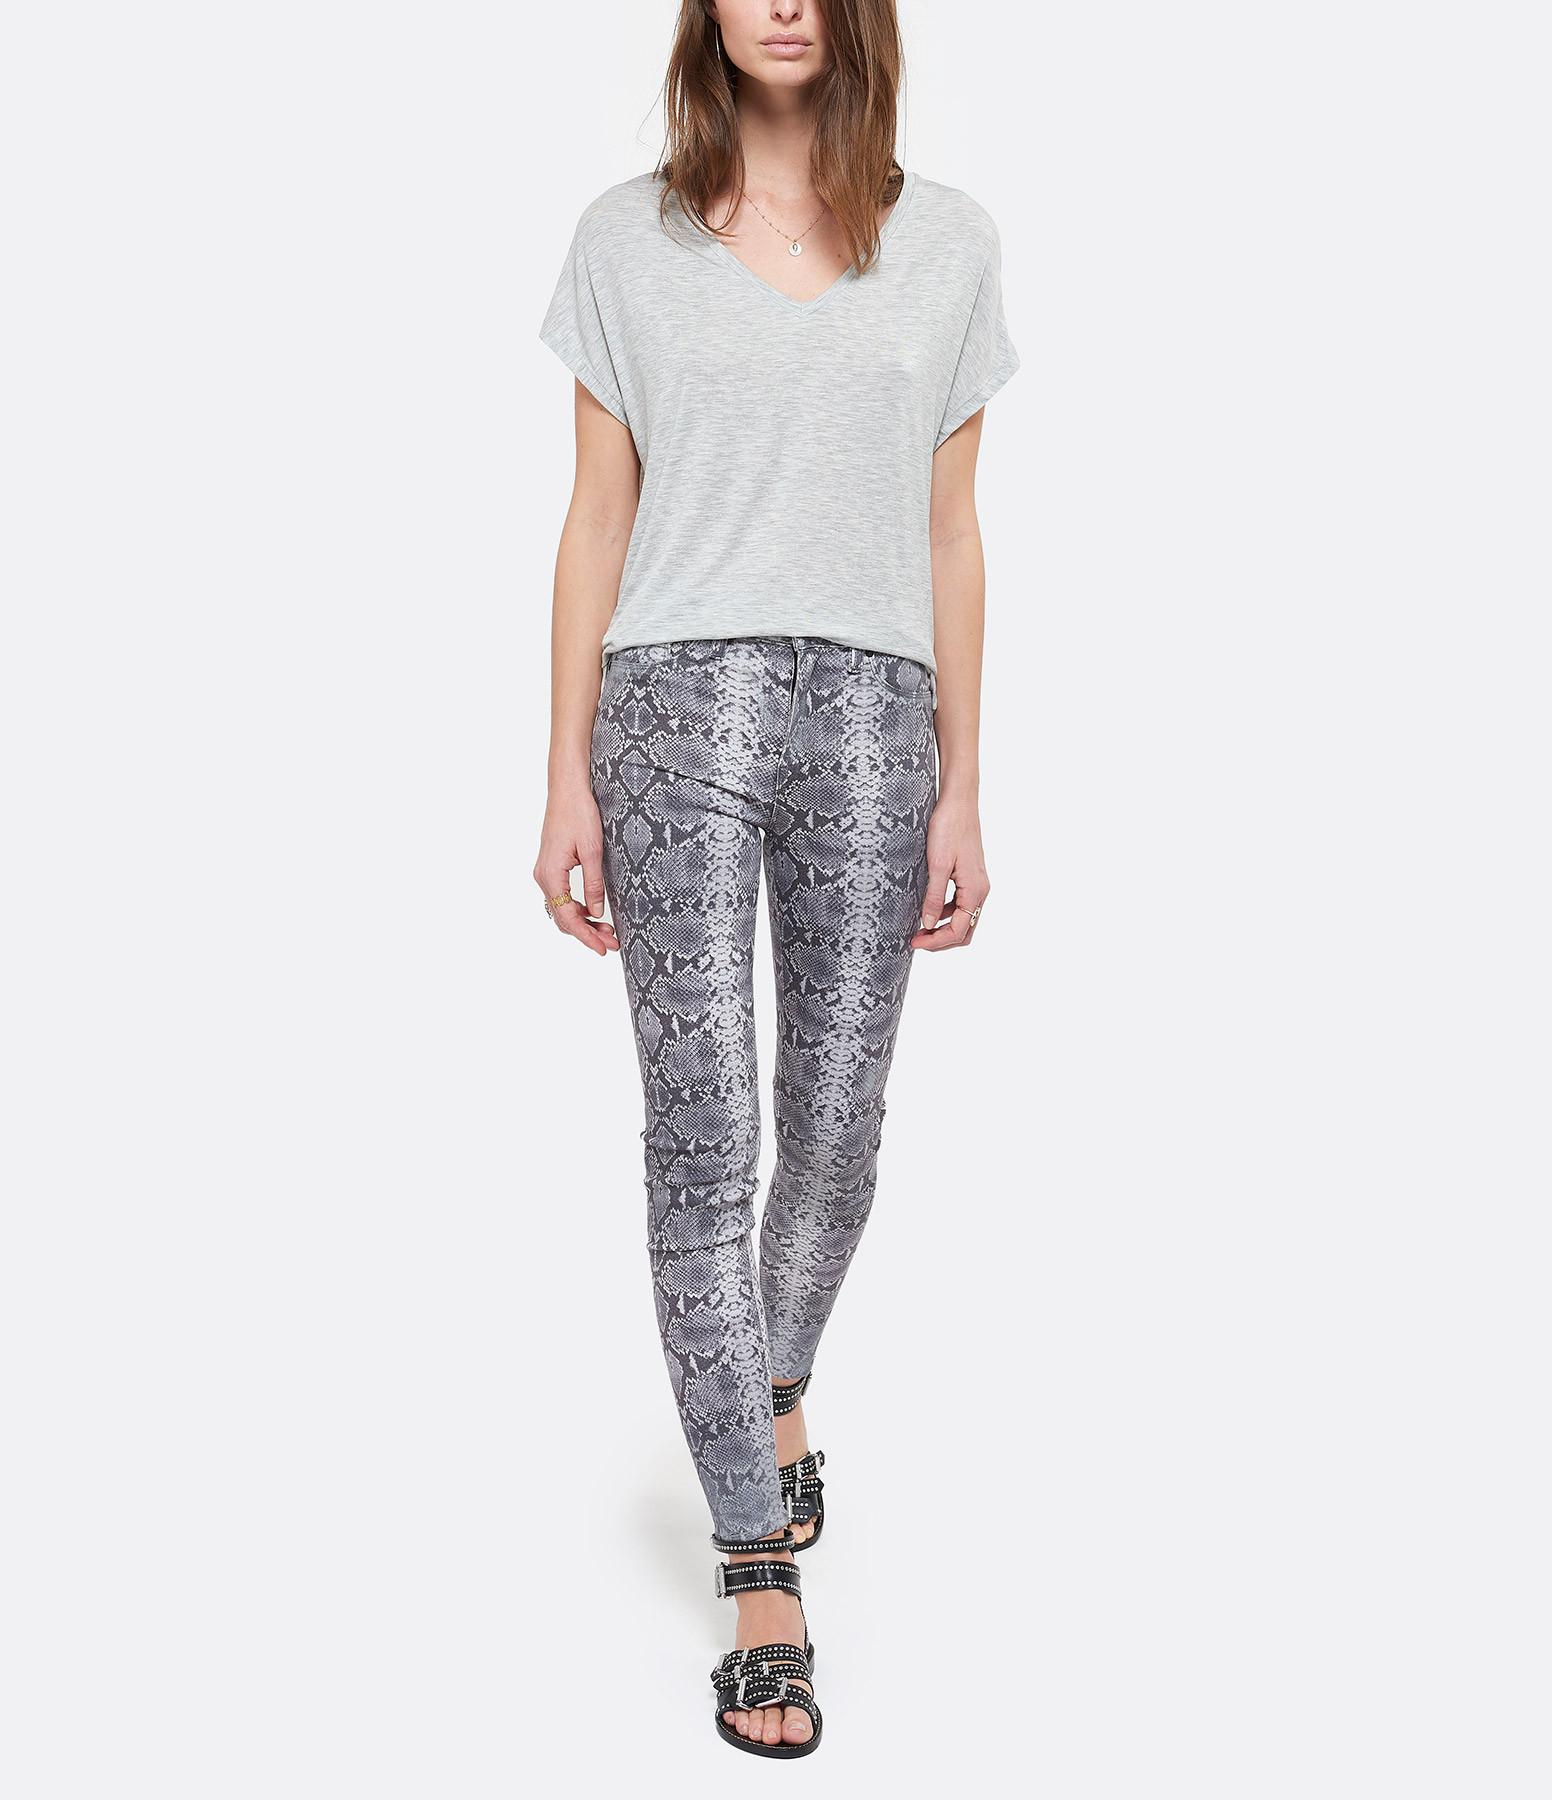 HUDSON JEANS - Pantalon Barabara Skinny Metallic Python